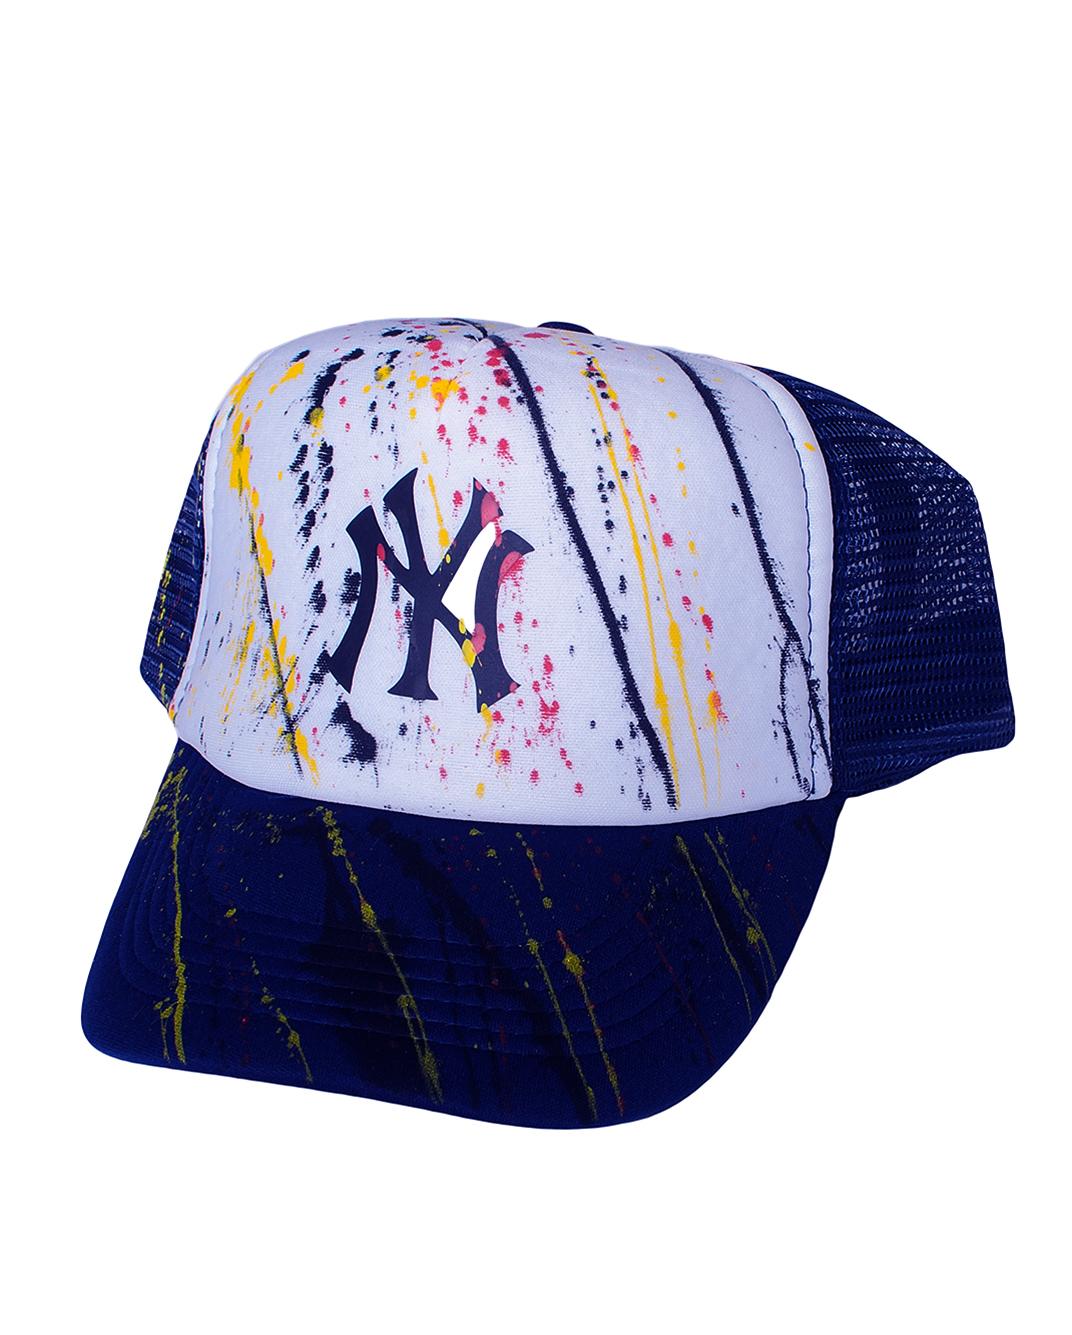 Ανδρικό Καπέλο Blue Splash αρχική αξεσουάρ   παπούτσια καπέλα